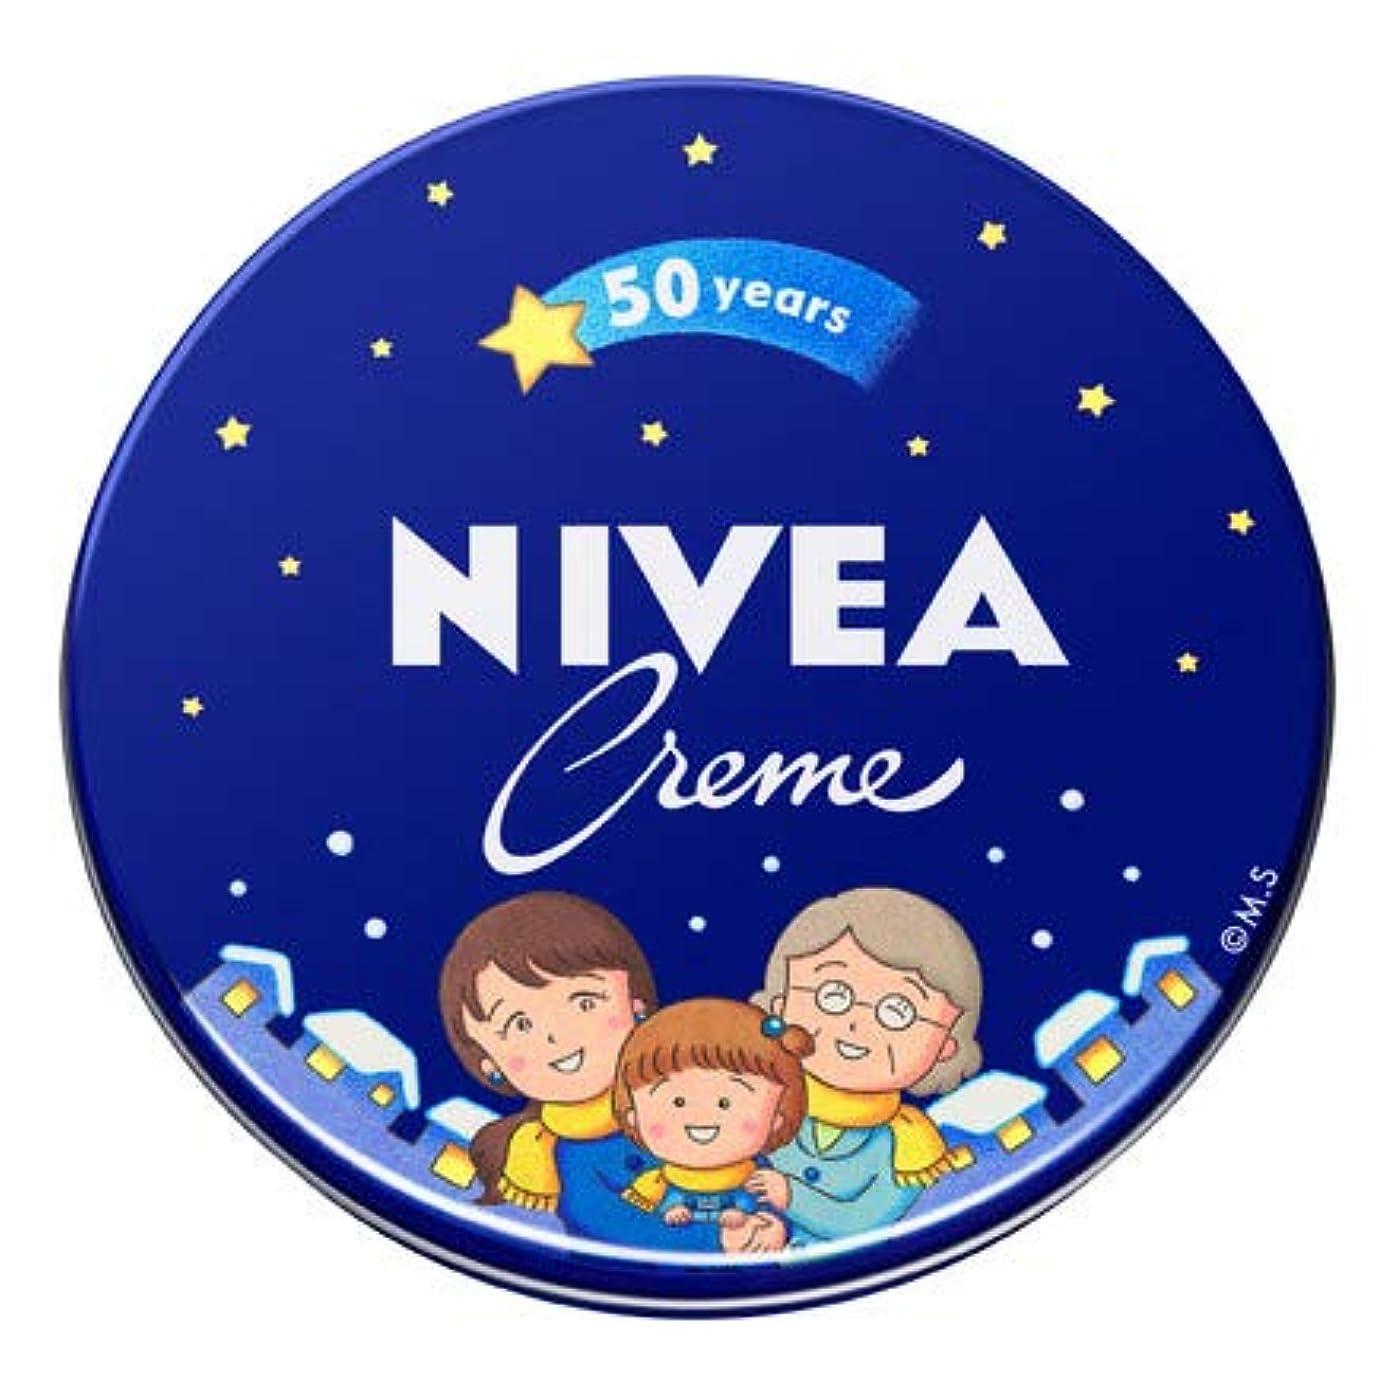 ビールばかげた特派員NIVEA ニベアクリーム 中缶 56g さくらももこ限定デザイン